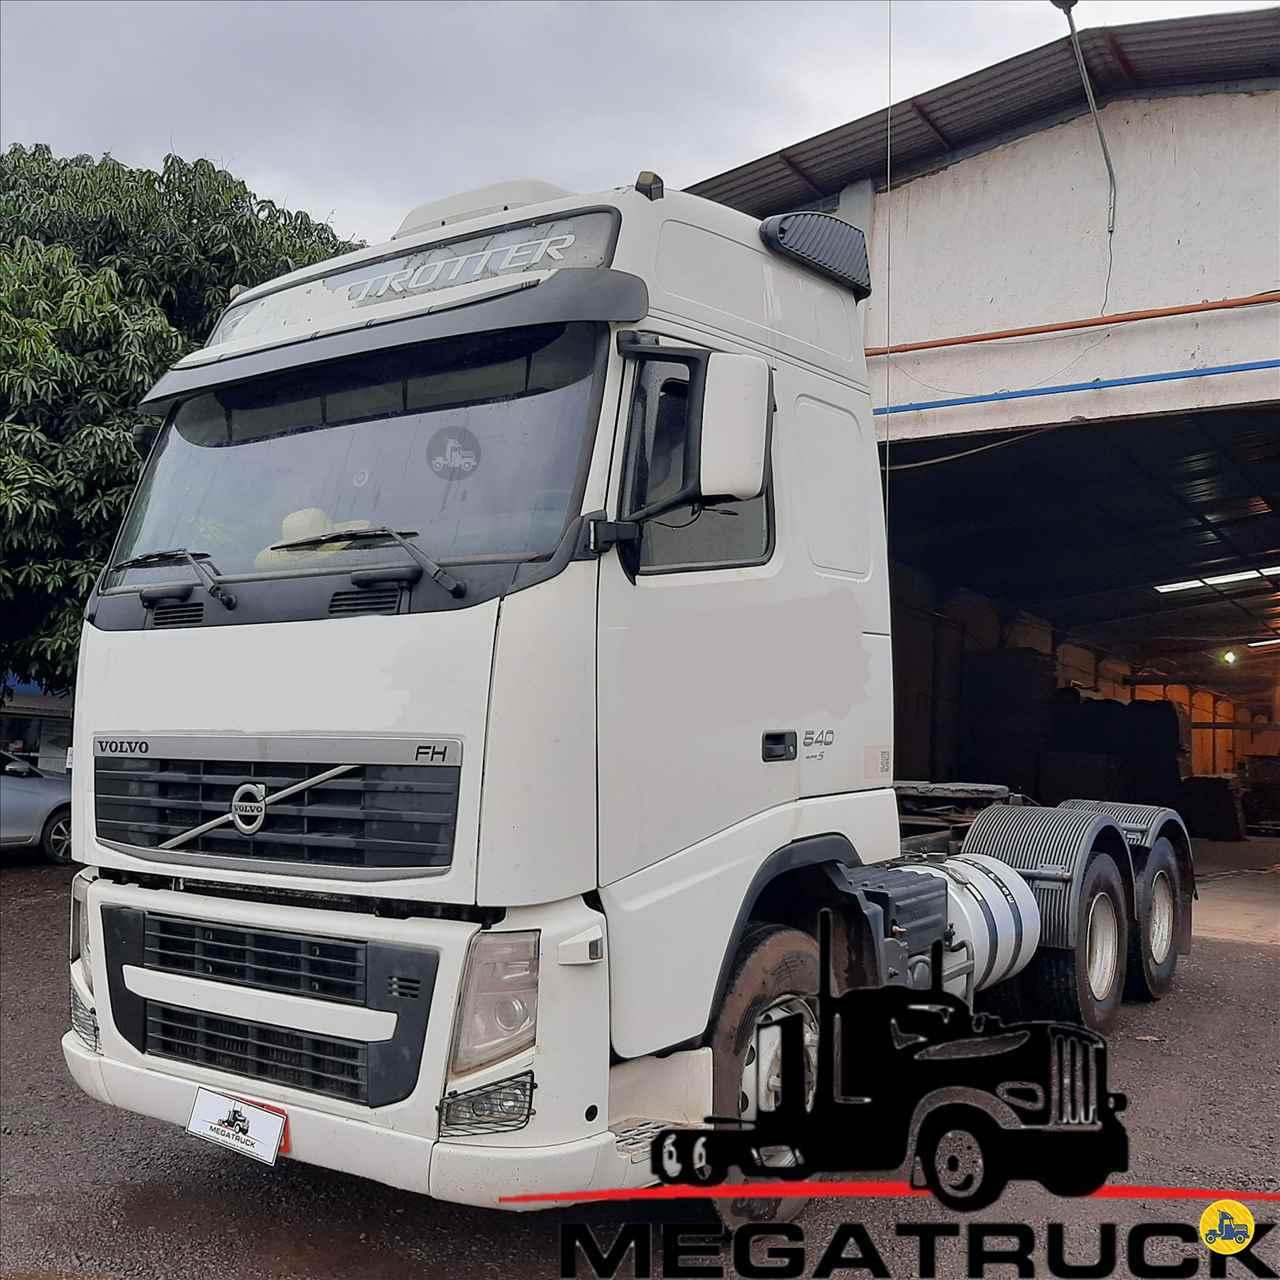 VOLVO FH 540 de Megatruck Caminhões e Máquinas - CAMPO GRANDE/MS